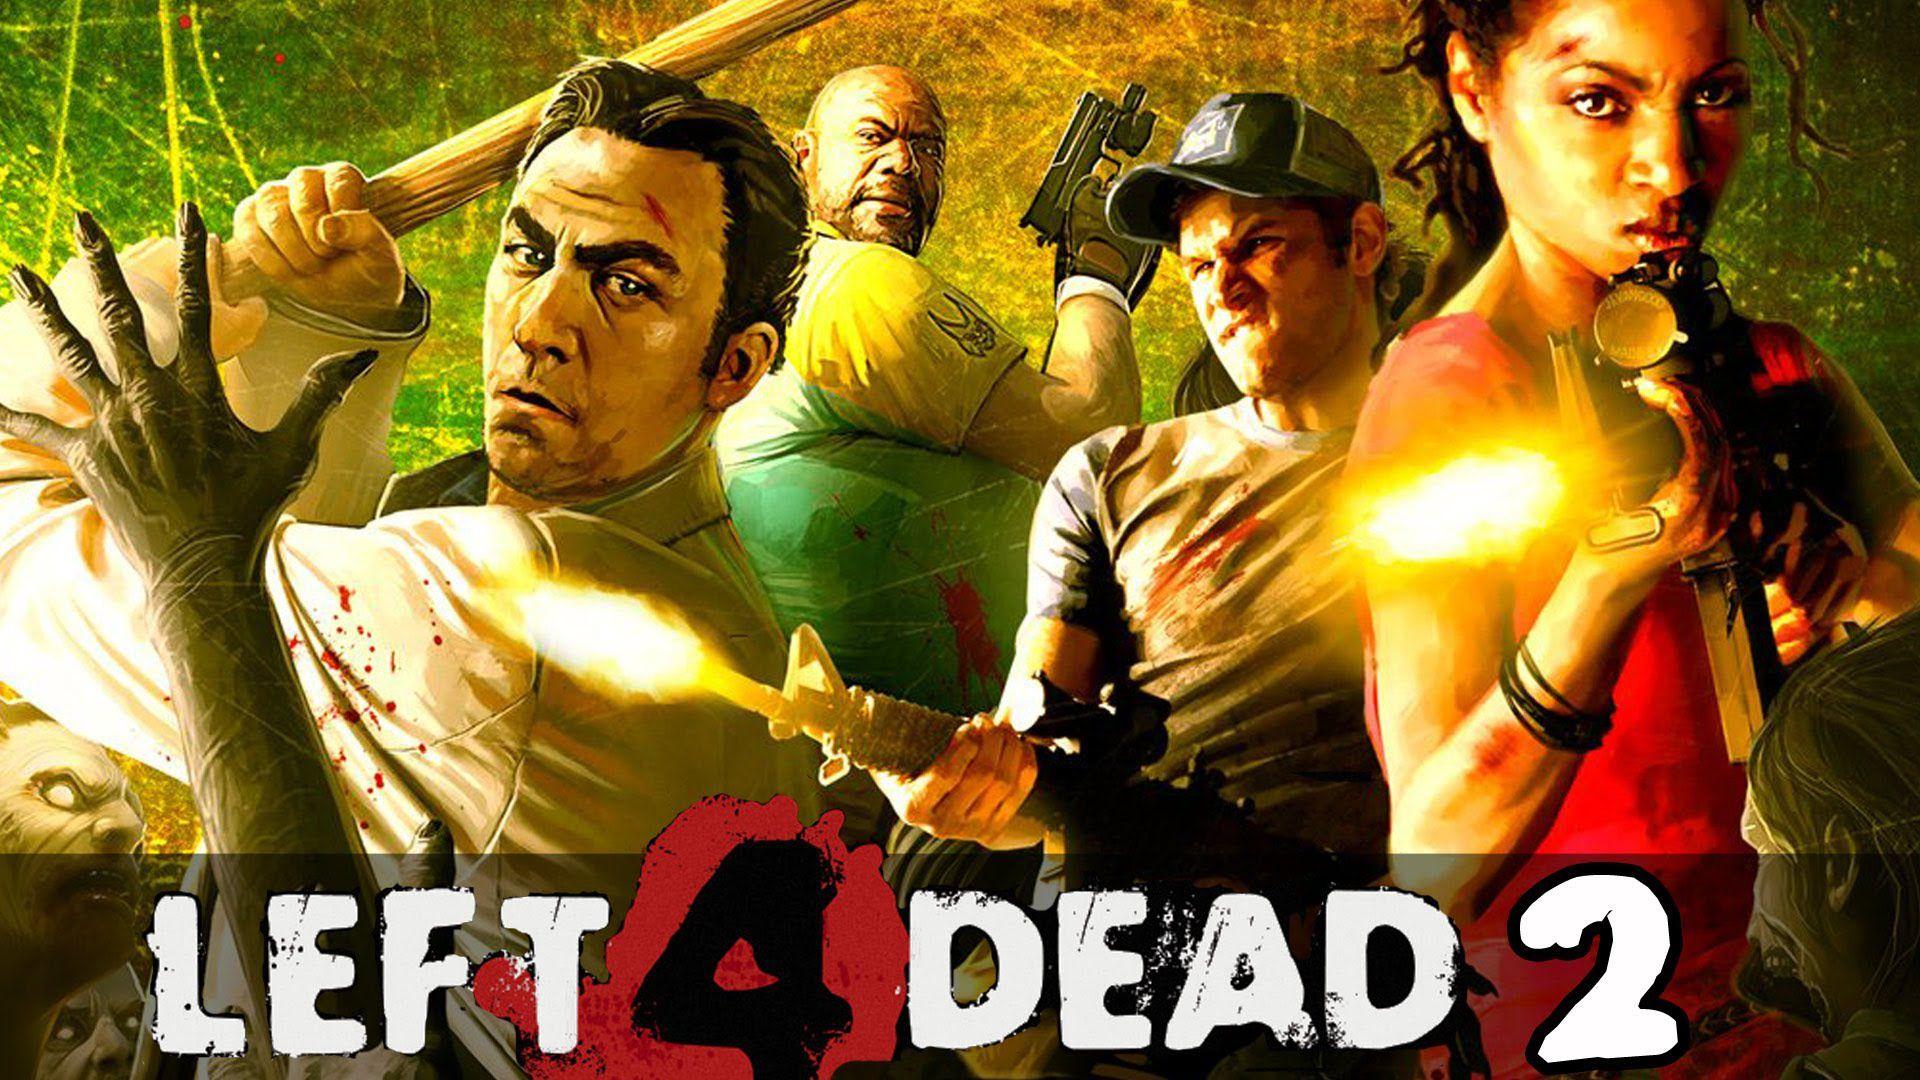 Left 4 Dead 2 Achievements List for Xbox 360